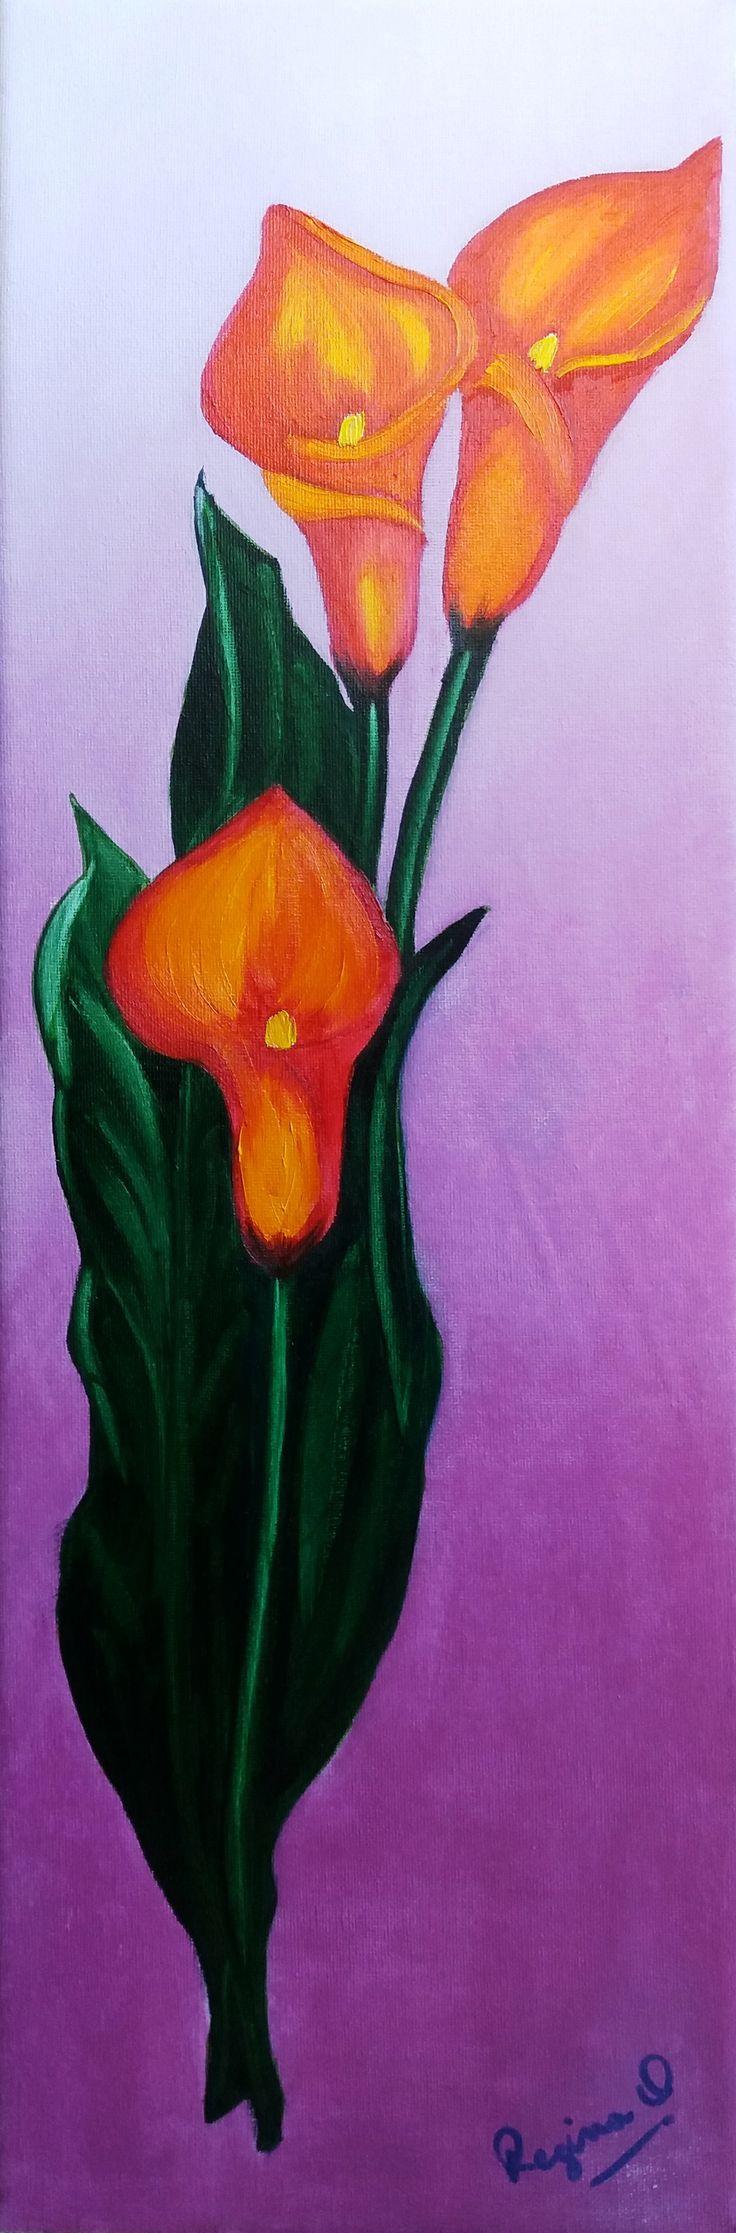 Regina Oyarzún Calas naranja óleo sobre tela de 20x60 cms (réplica libre)